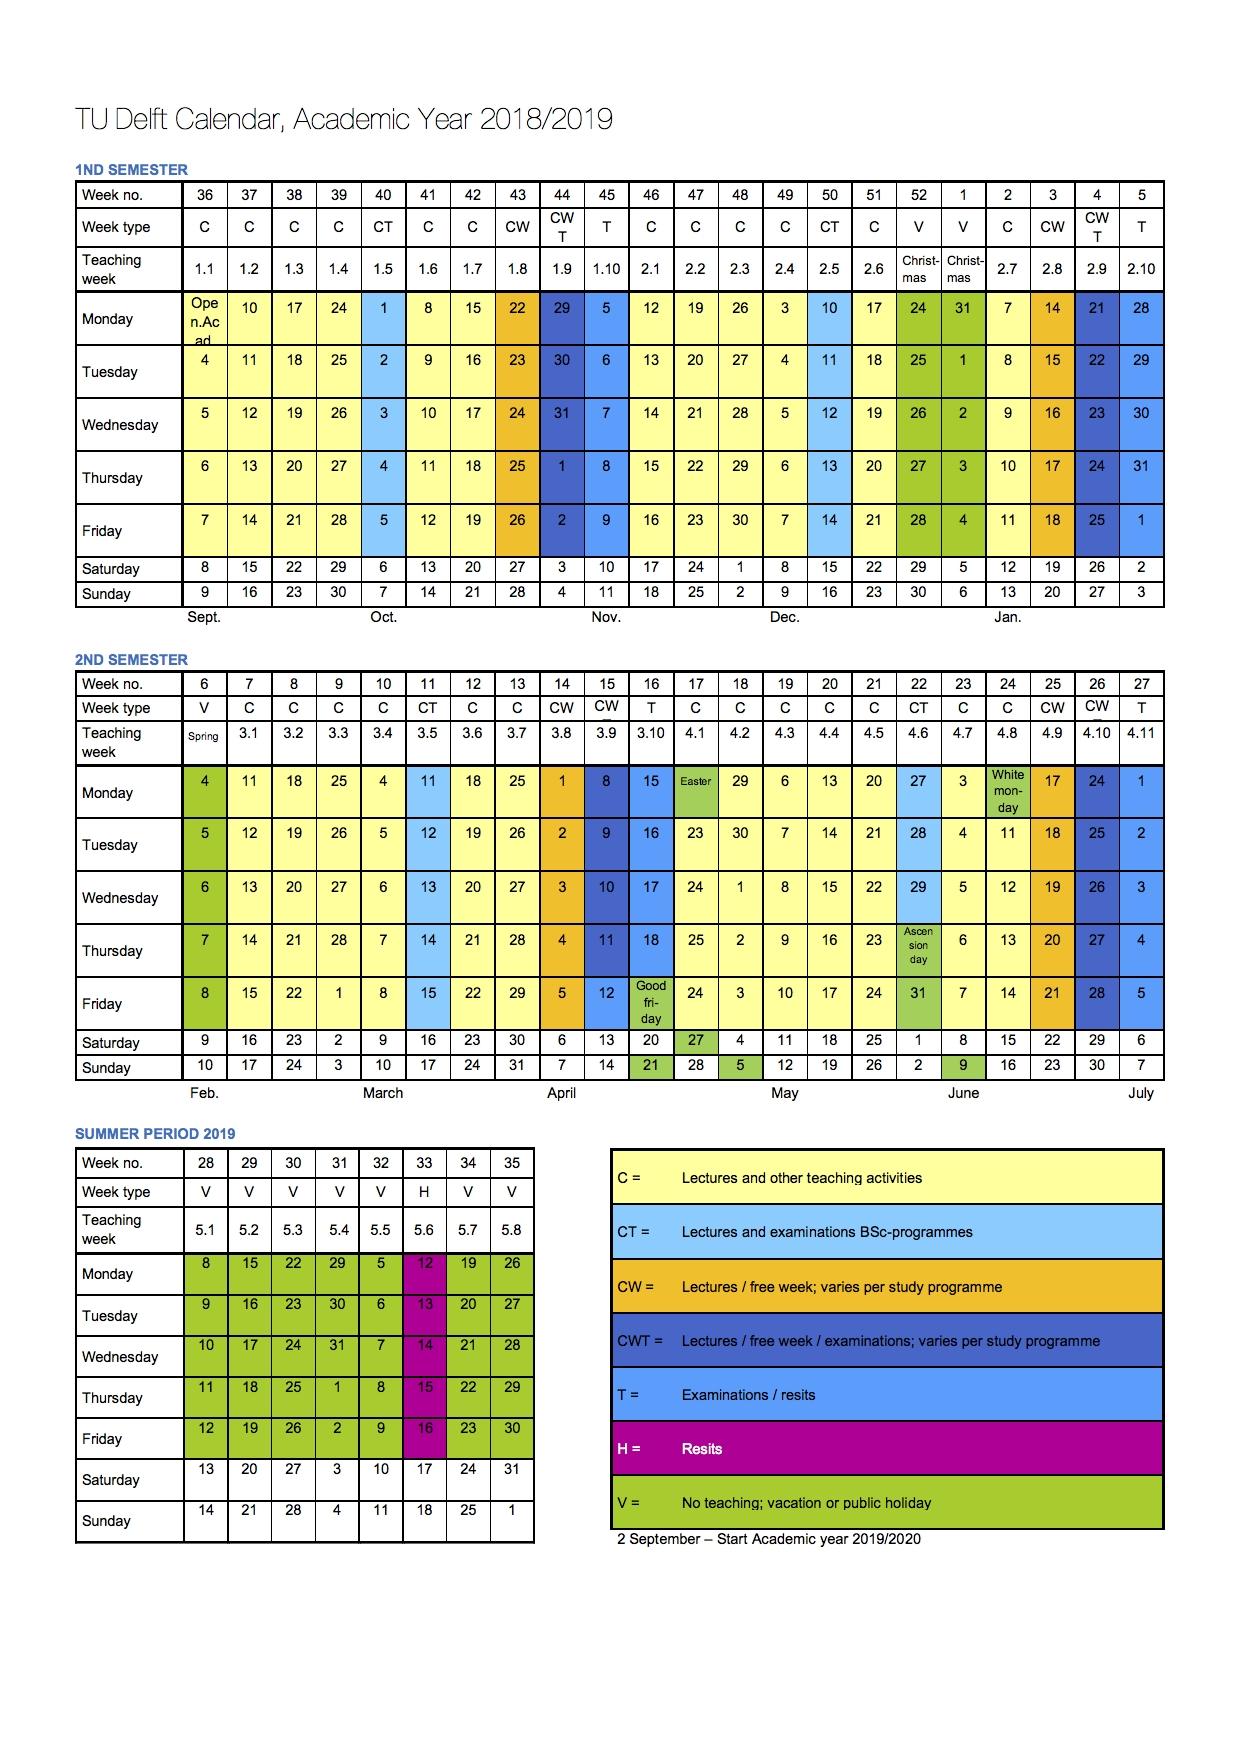 Uc Academic Calendar 2019 20 regarding Uc Berkeley 2019-2020 Academic Calendar